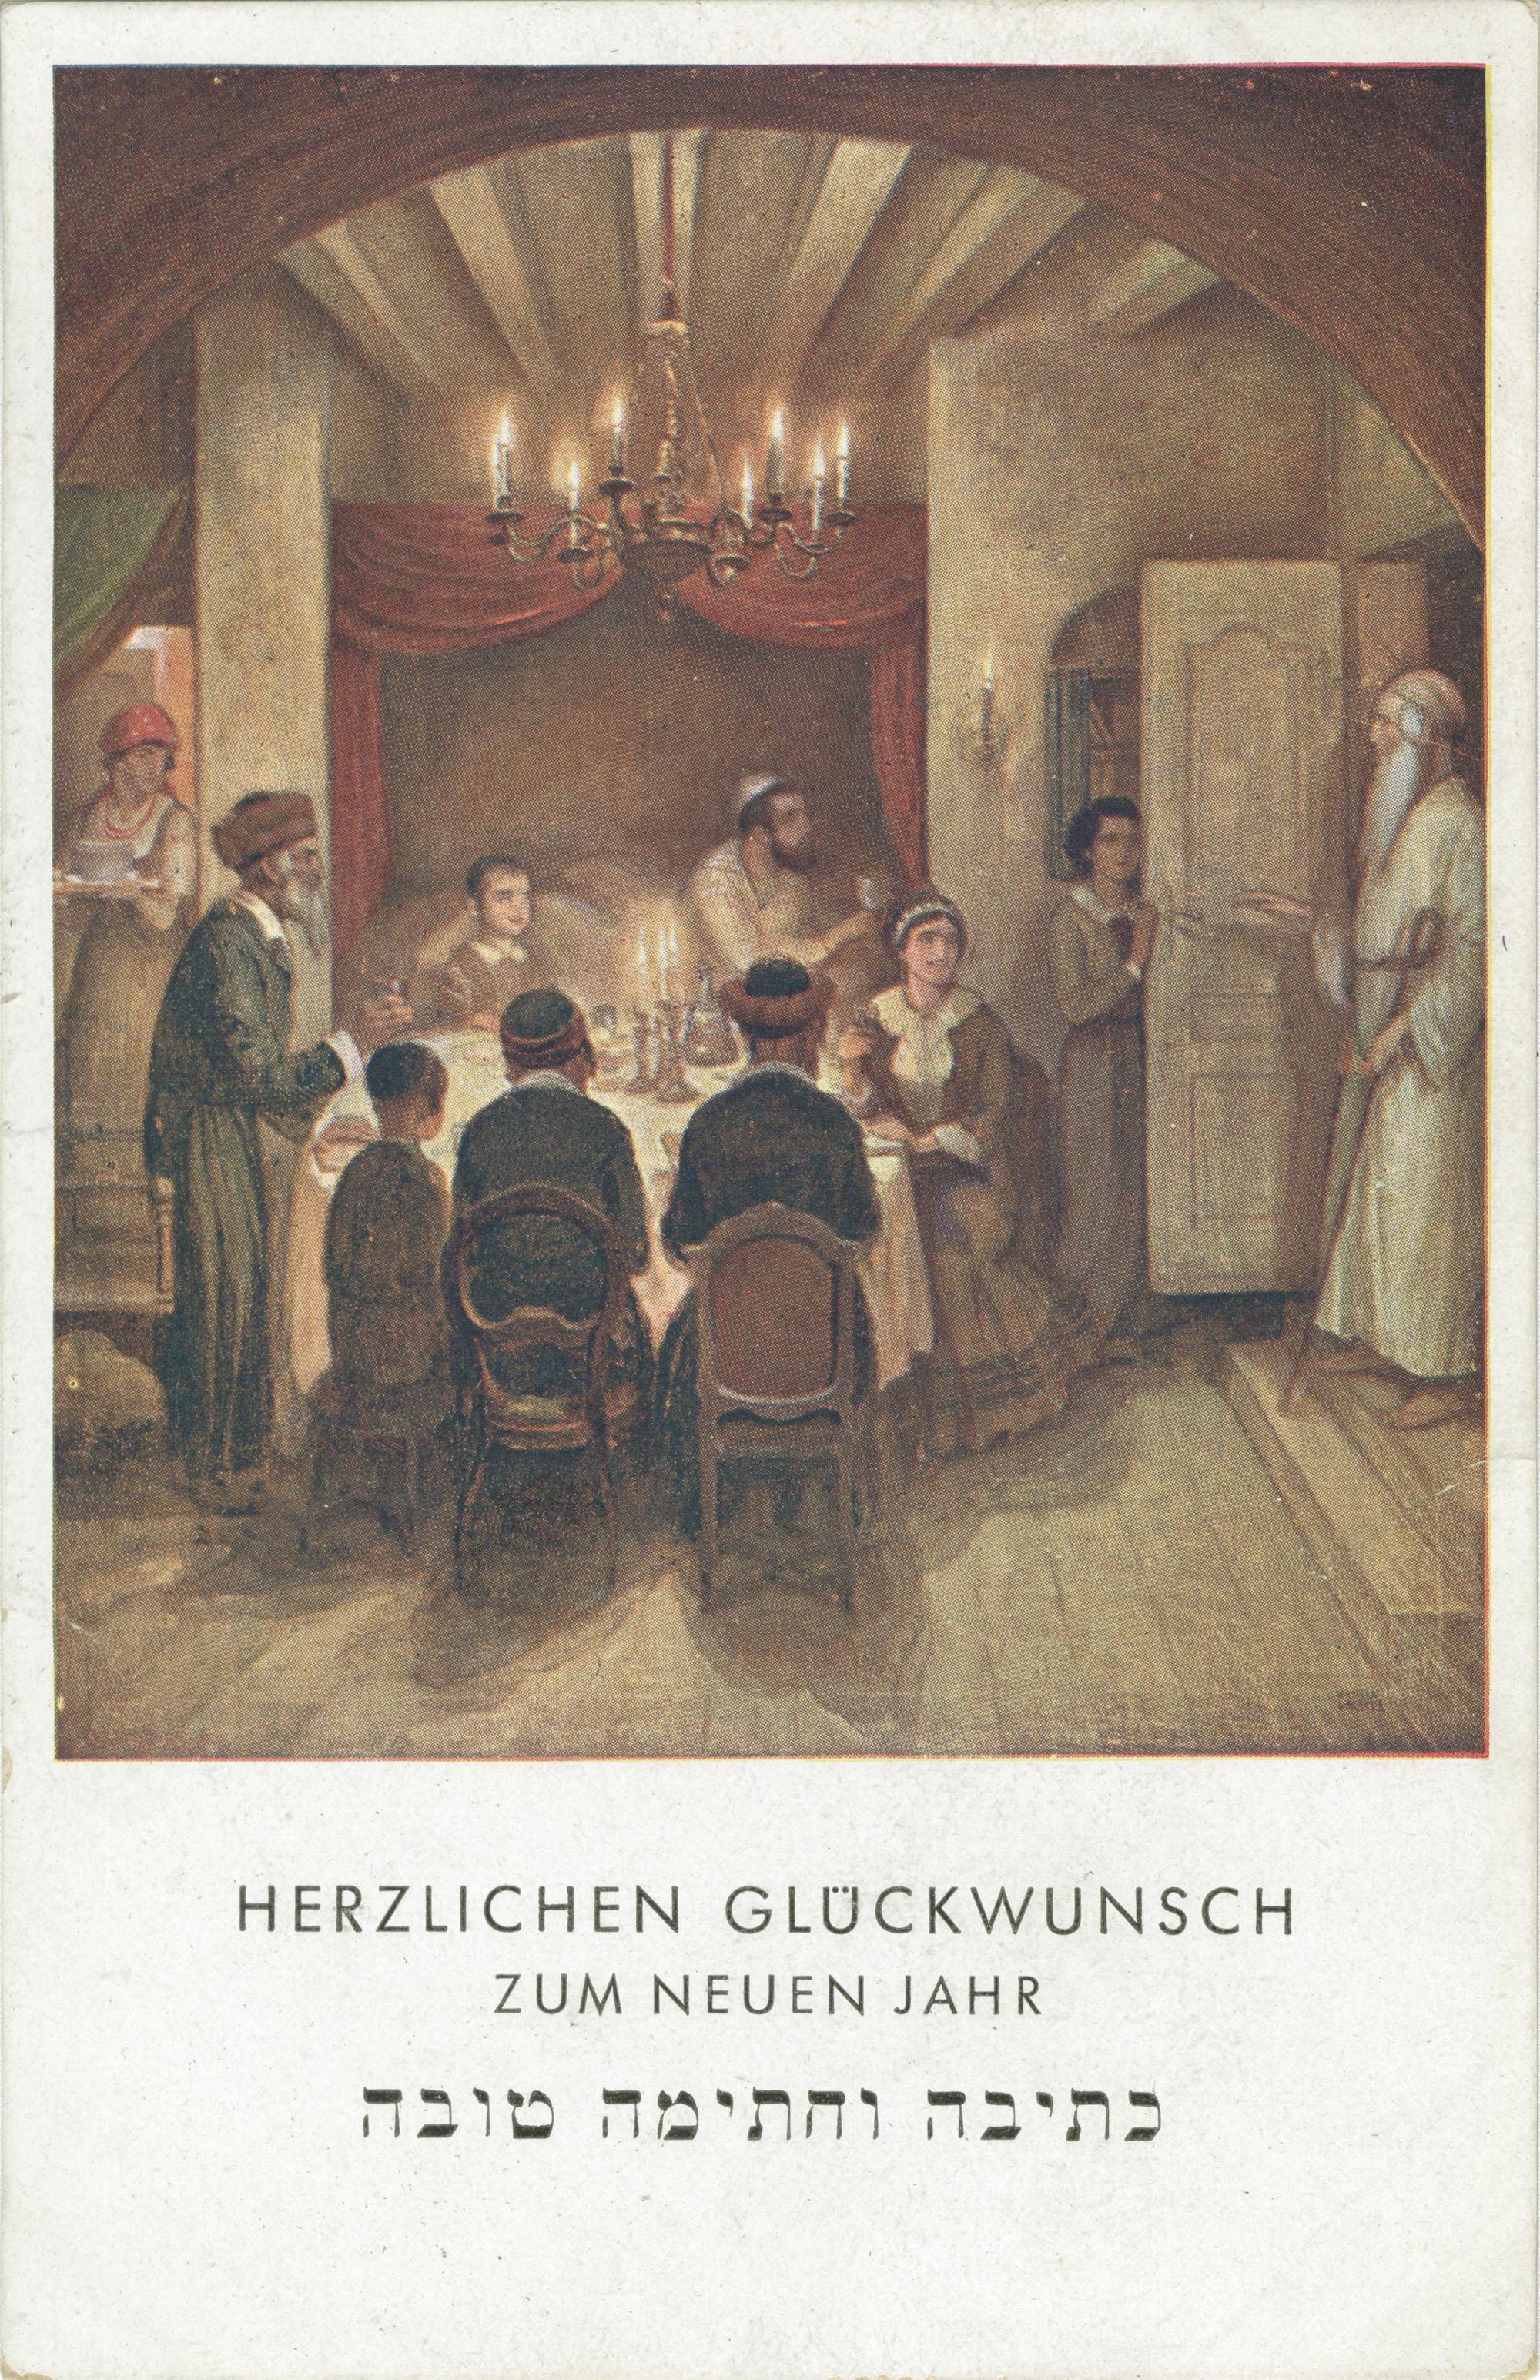 Herzlichen Glückwunsch Zum Neuen Jahr / כתיבה וחתימה טובה